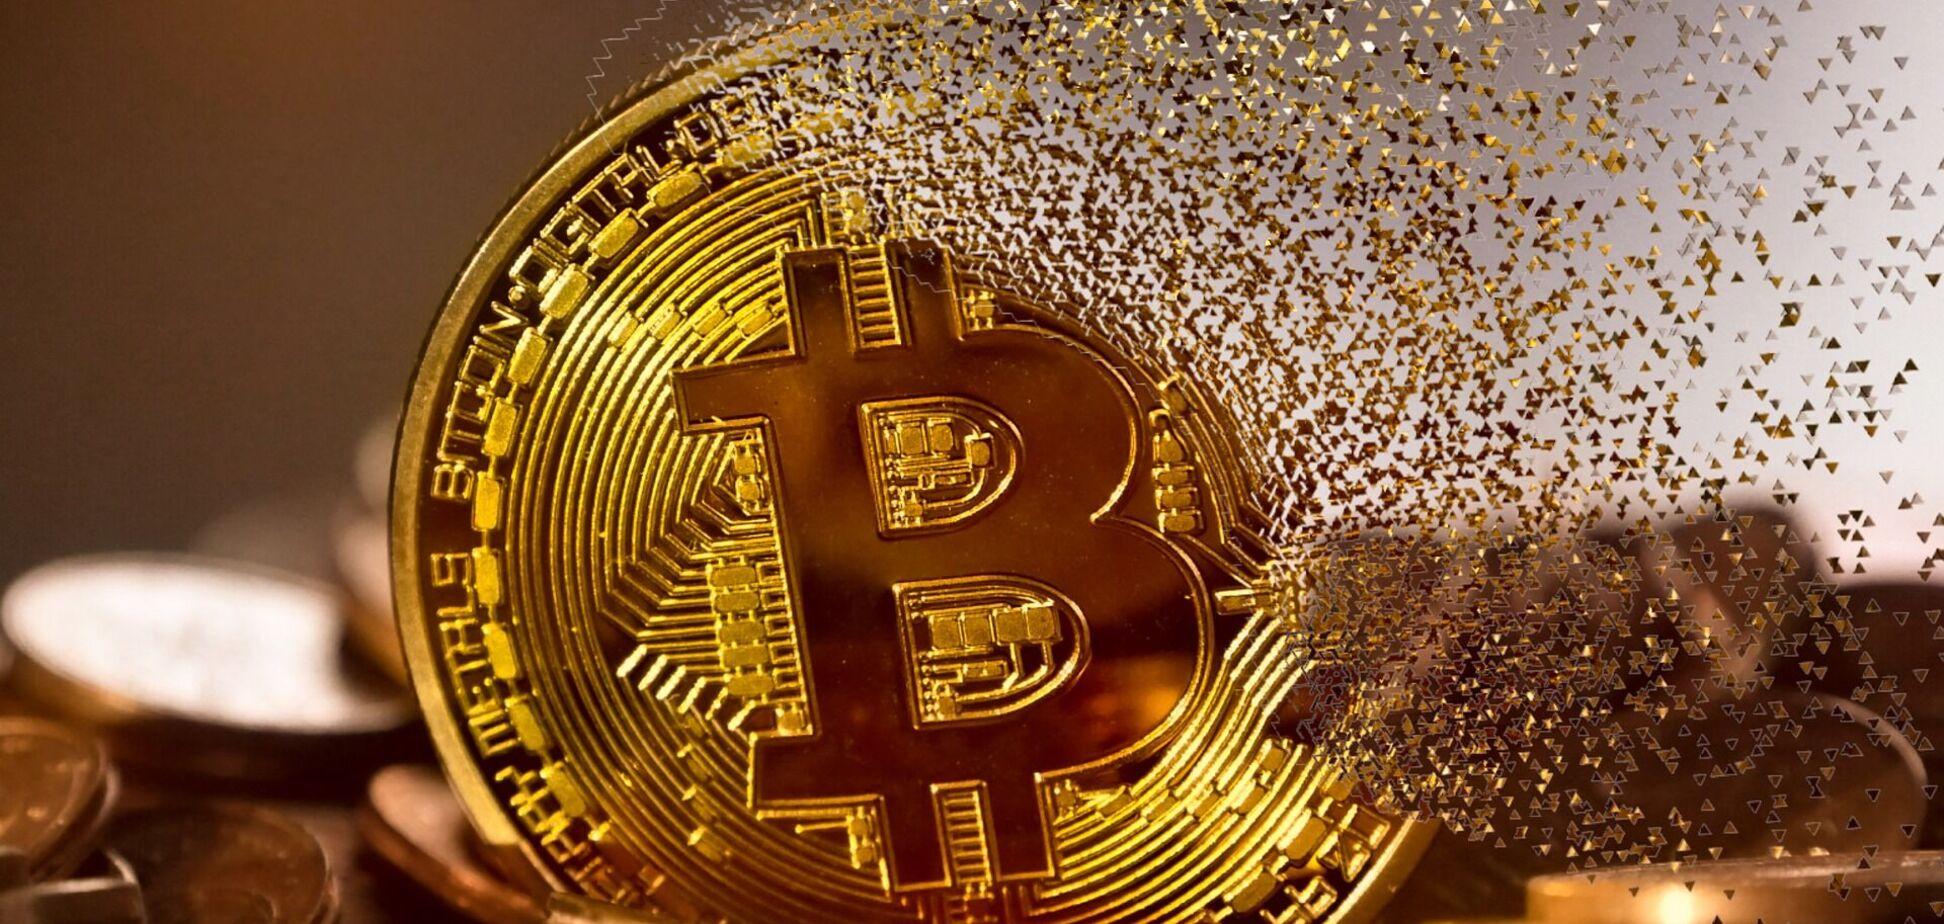 Курс биткоина вскоре может обвалиться до $25-27 тыс.